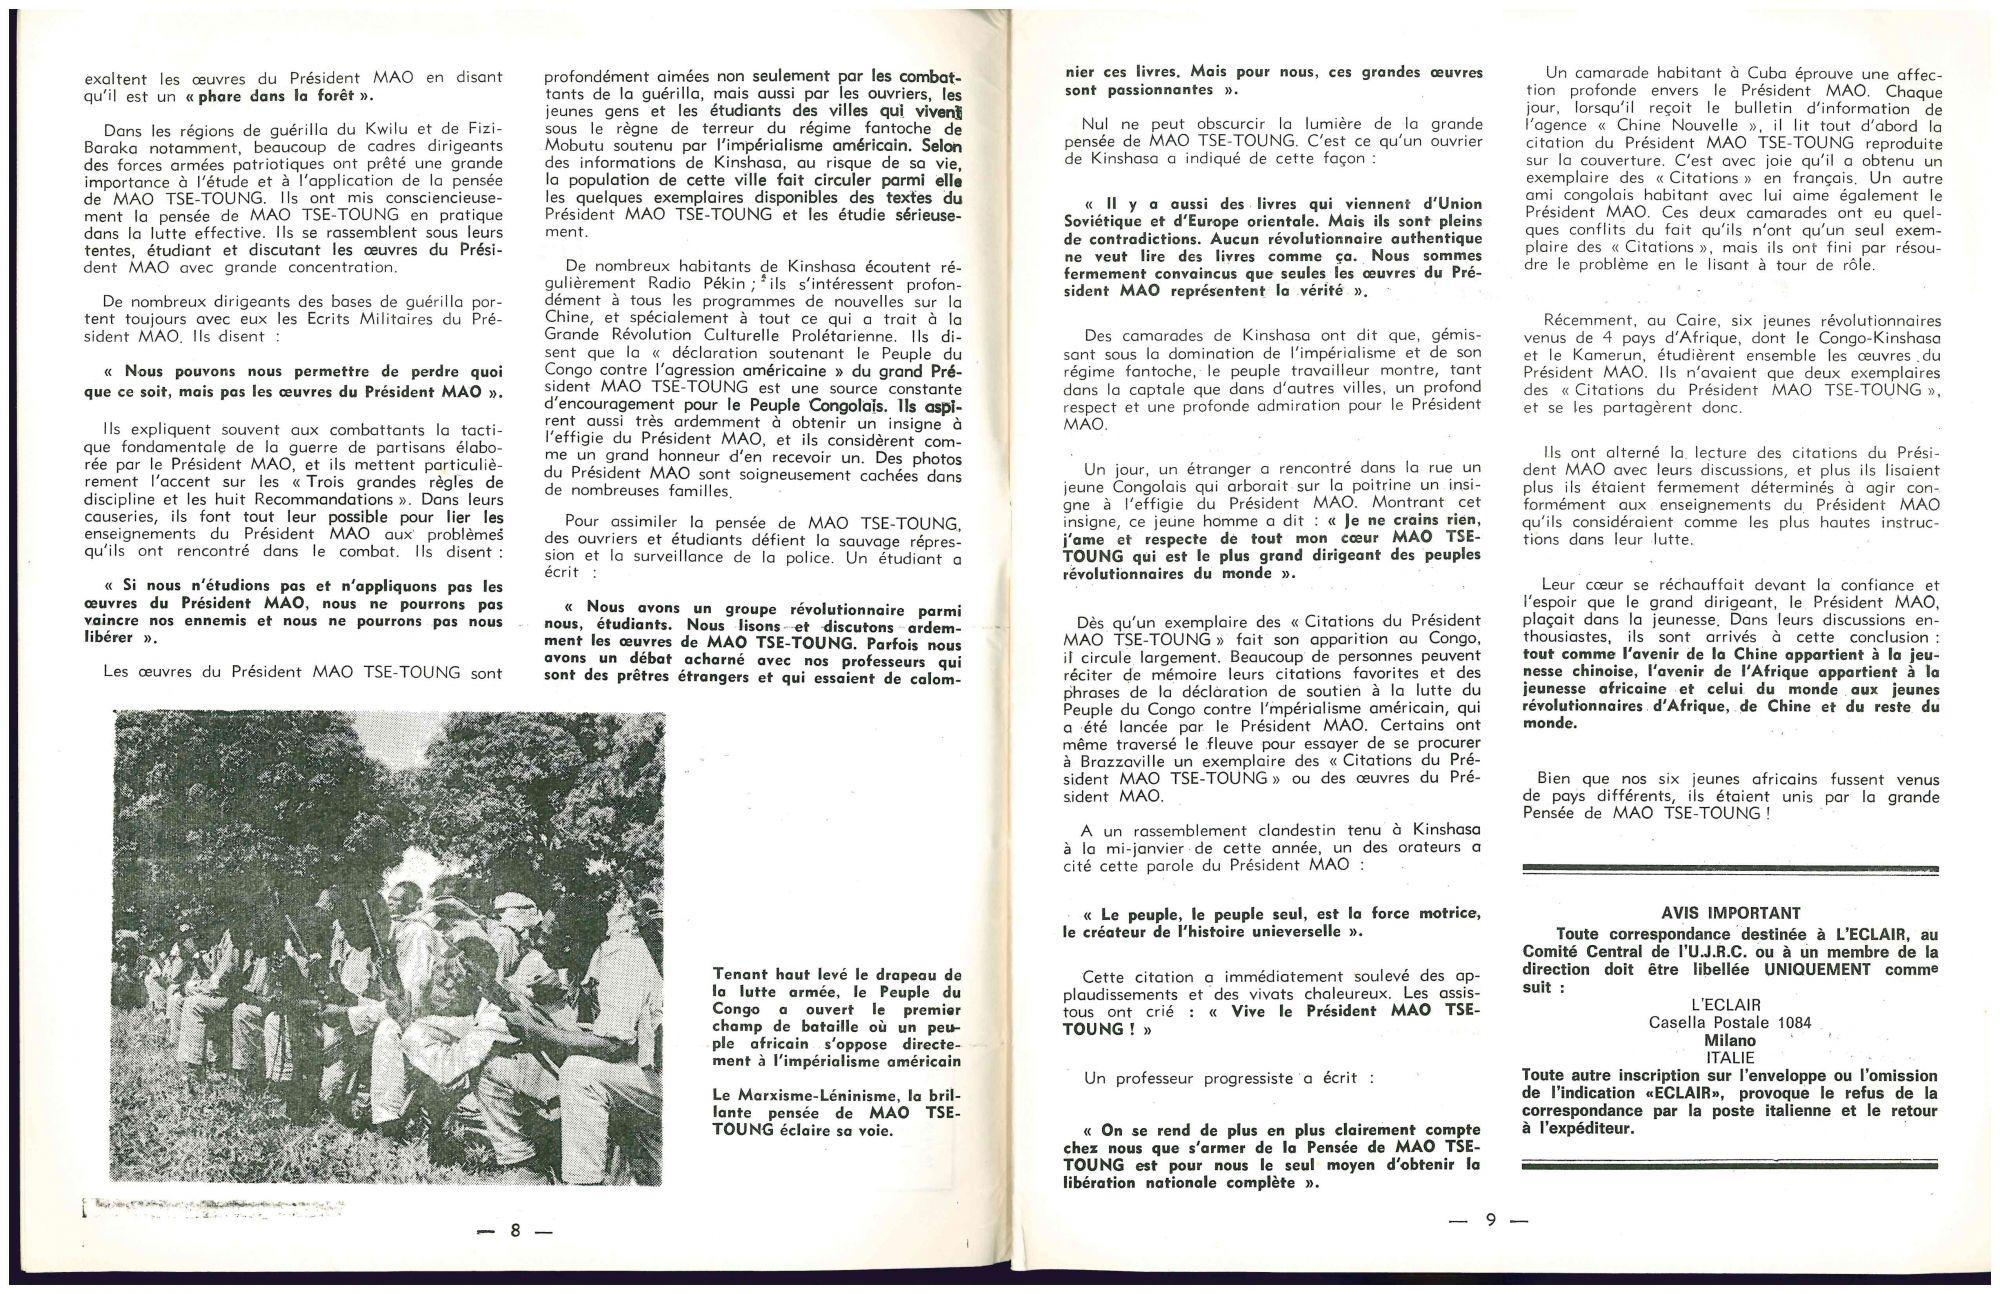 Vialibri Rare Books From 1965 Page 5